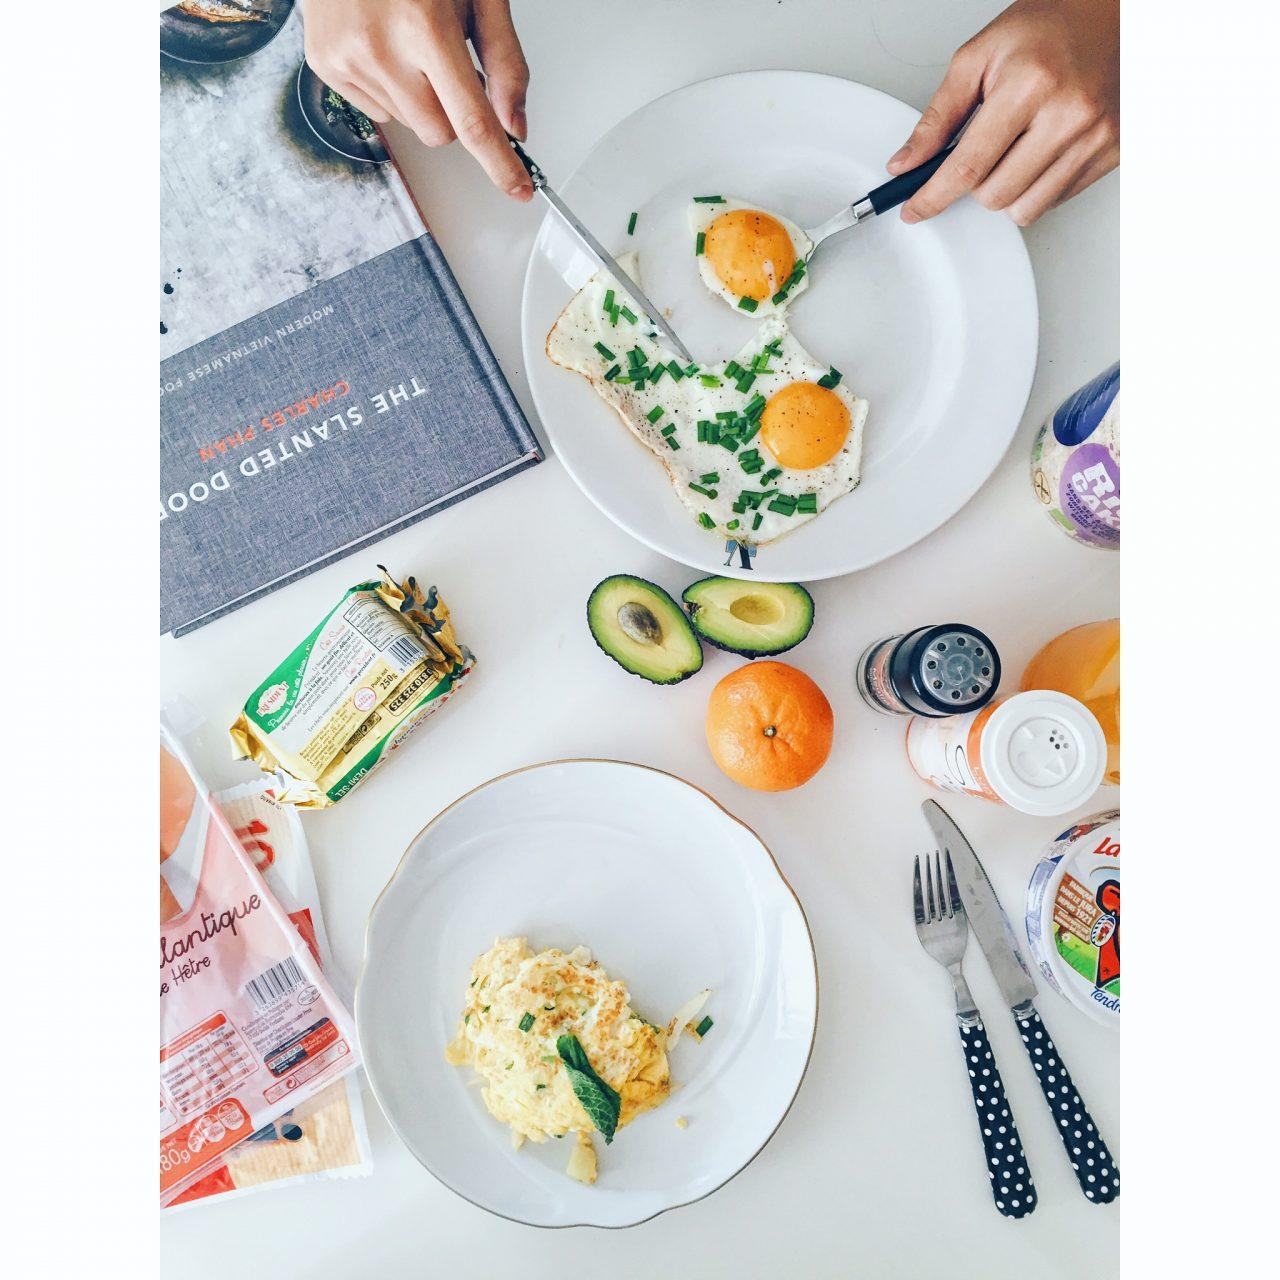 IMG_5066-1280x1280 Best spots for BRUNCH in Paris! Blog  best brucnh paris breakfast paris brunch paris discover paris eat paris food paris Paris top brunch paris travel paris trend paris